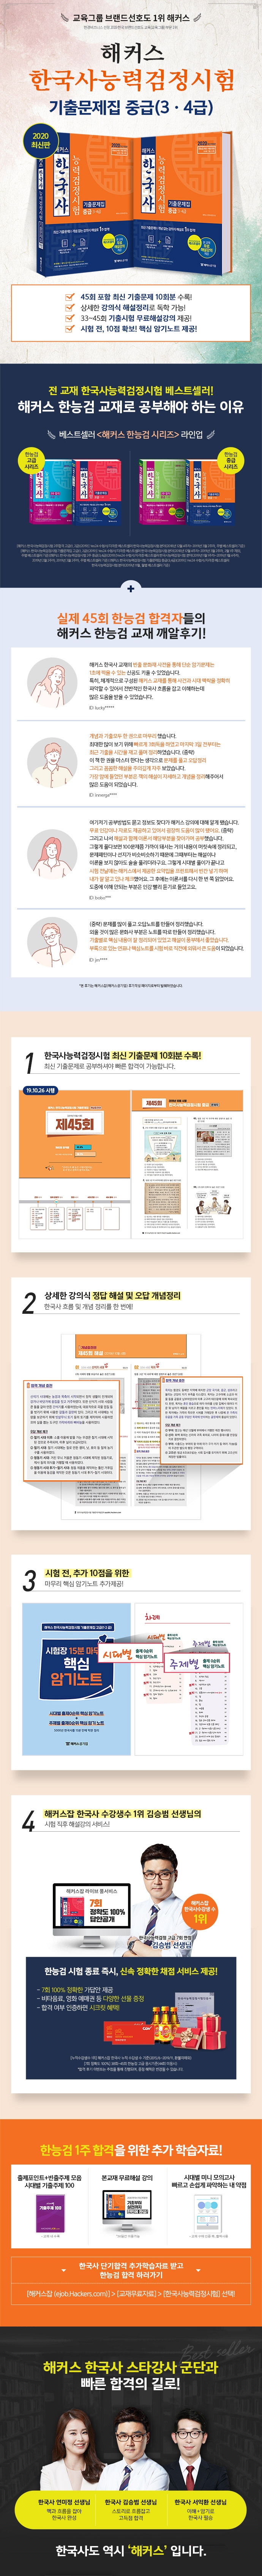 한국사능력검정시험 기출문제집 중급(3 4급)(2020)(해커스) 도서 상세이미지